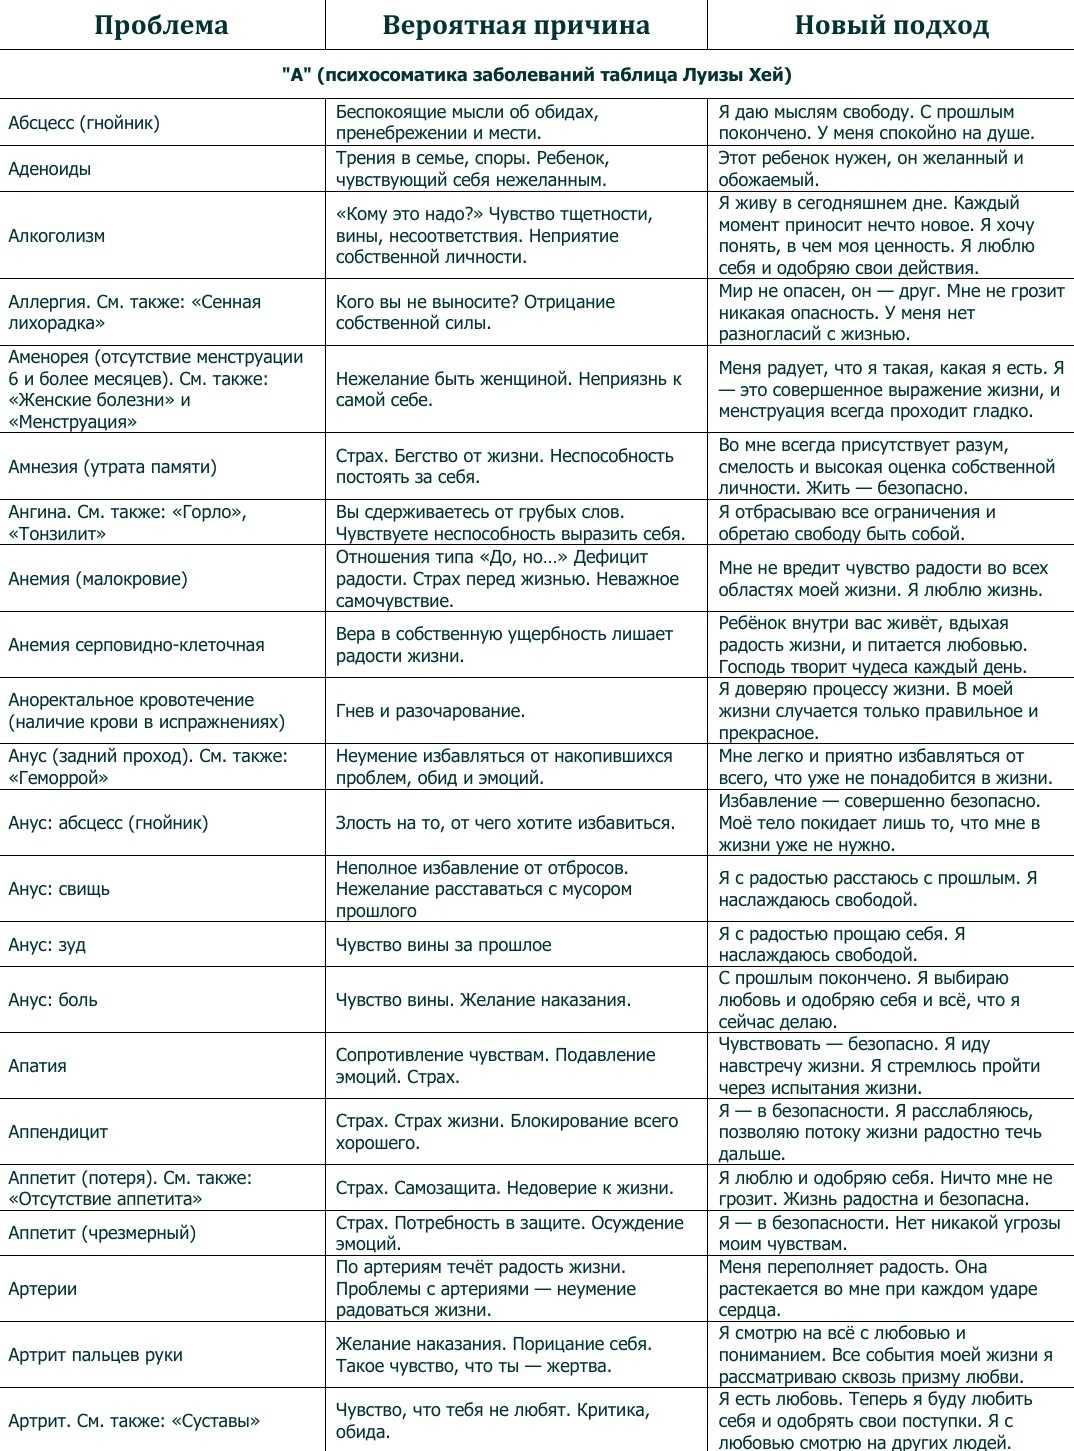 Папилломы, психосоматика по луизе хей и лиз бурбо, факторы риска